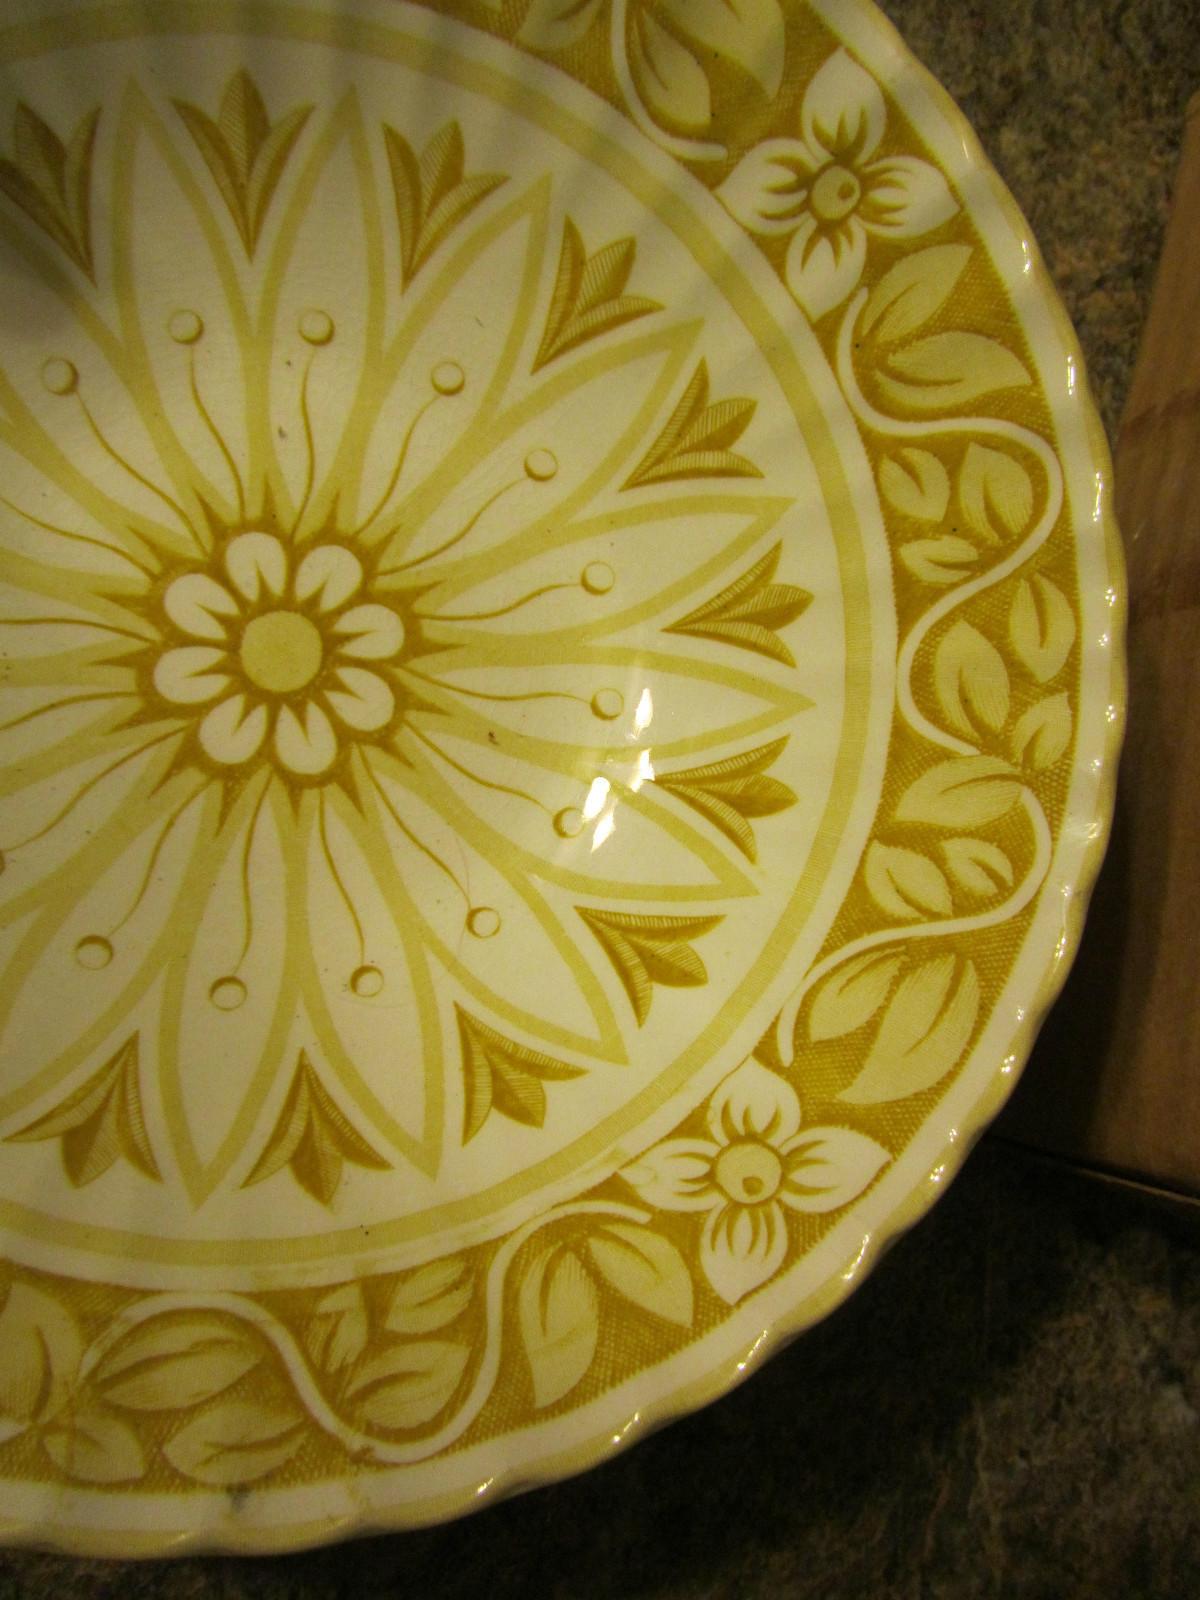 Medici Bowl